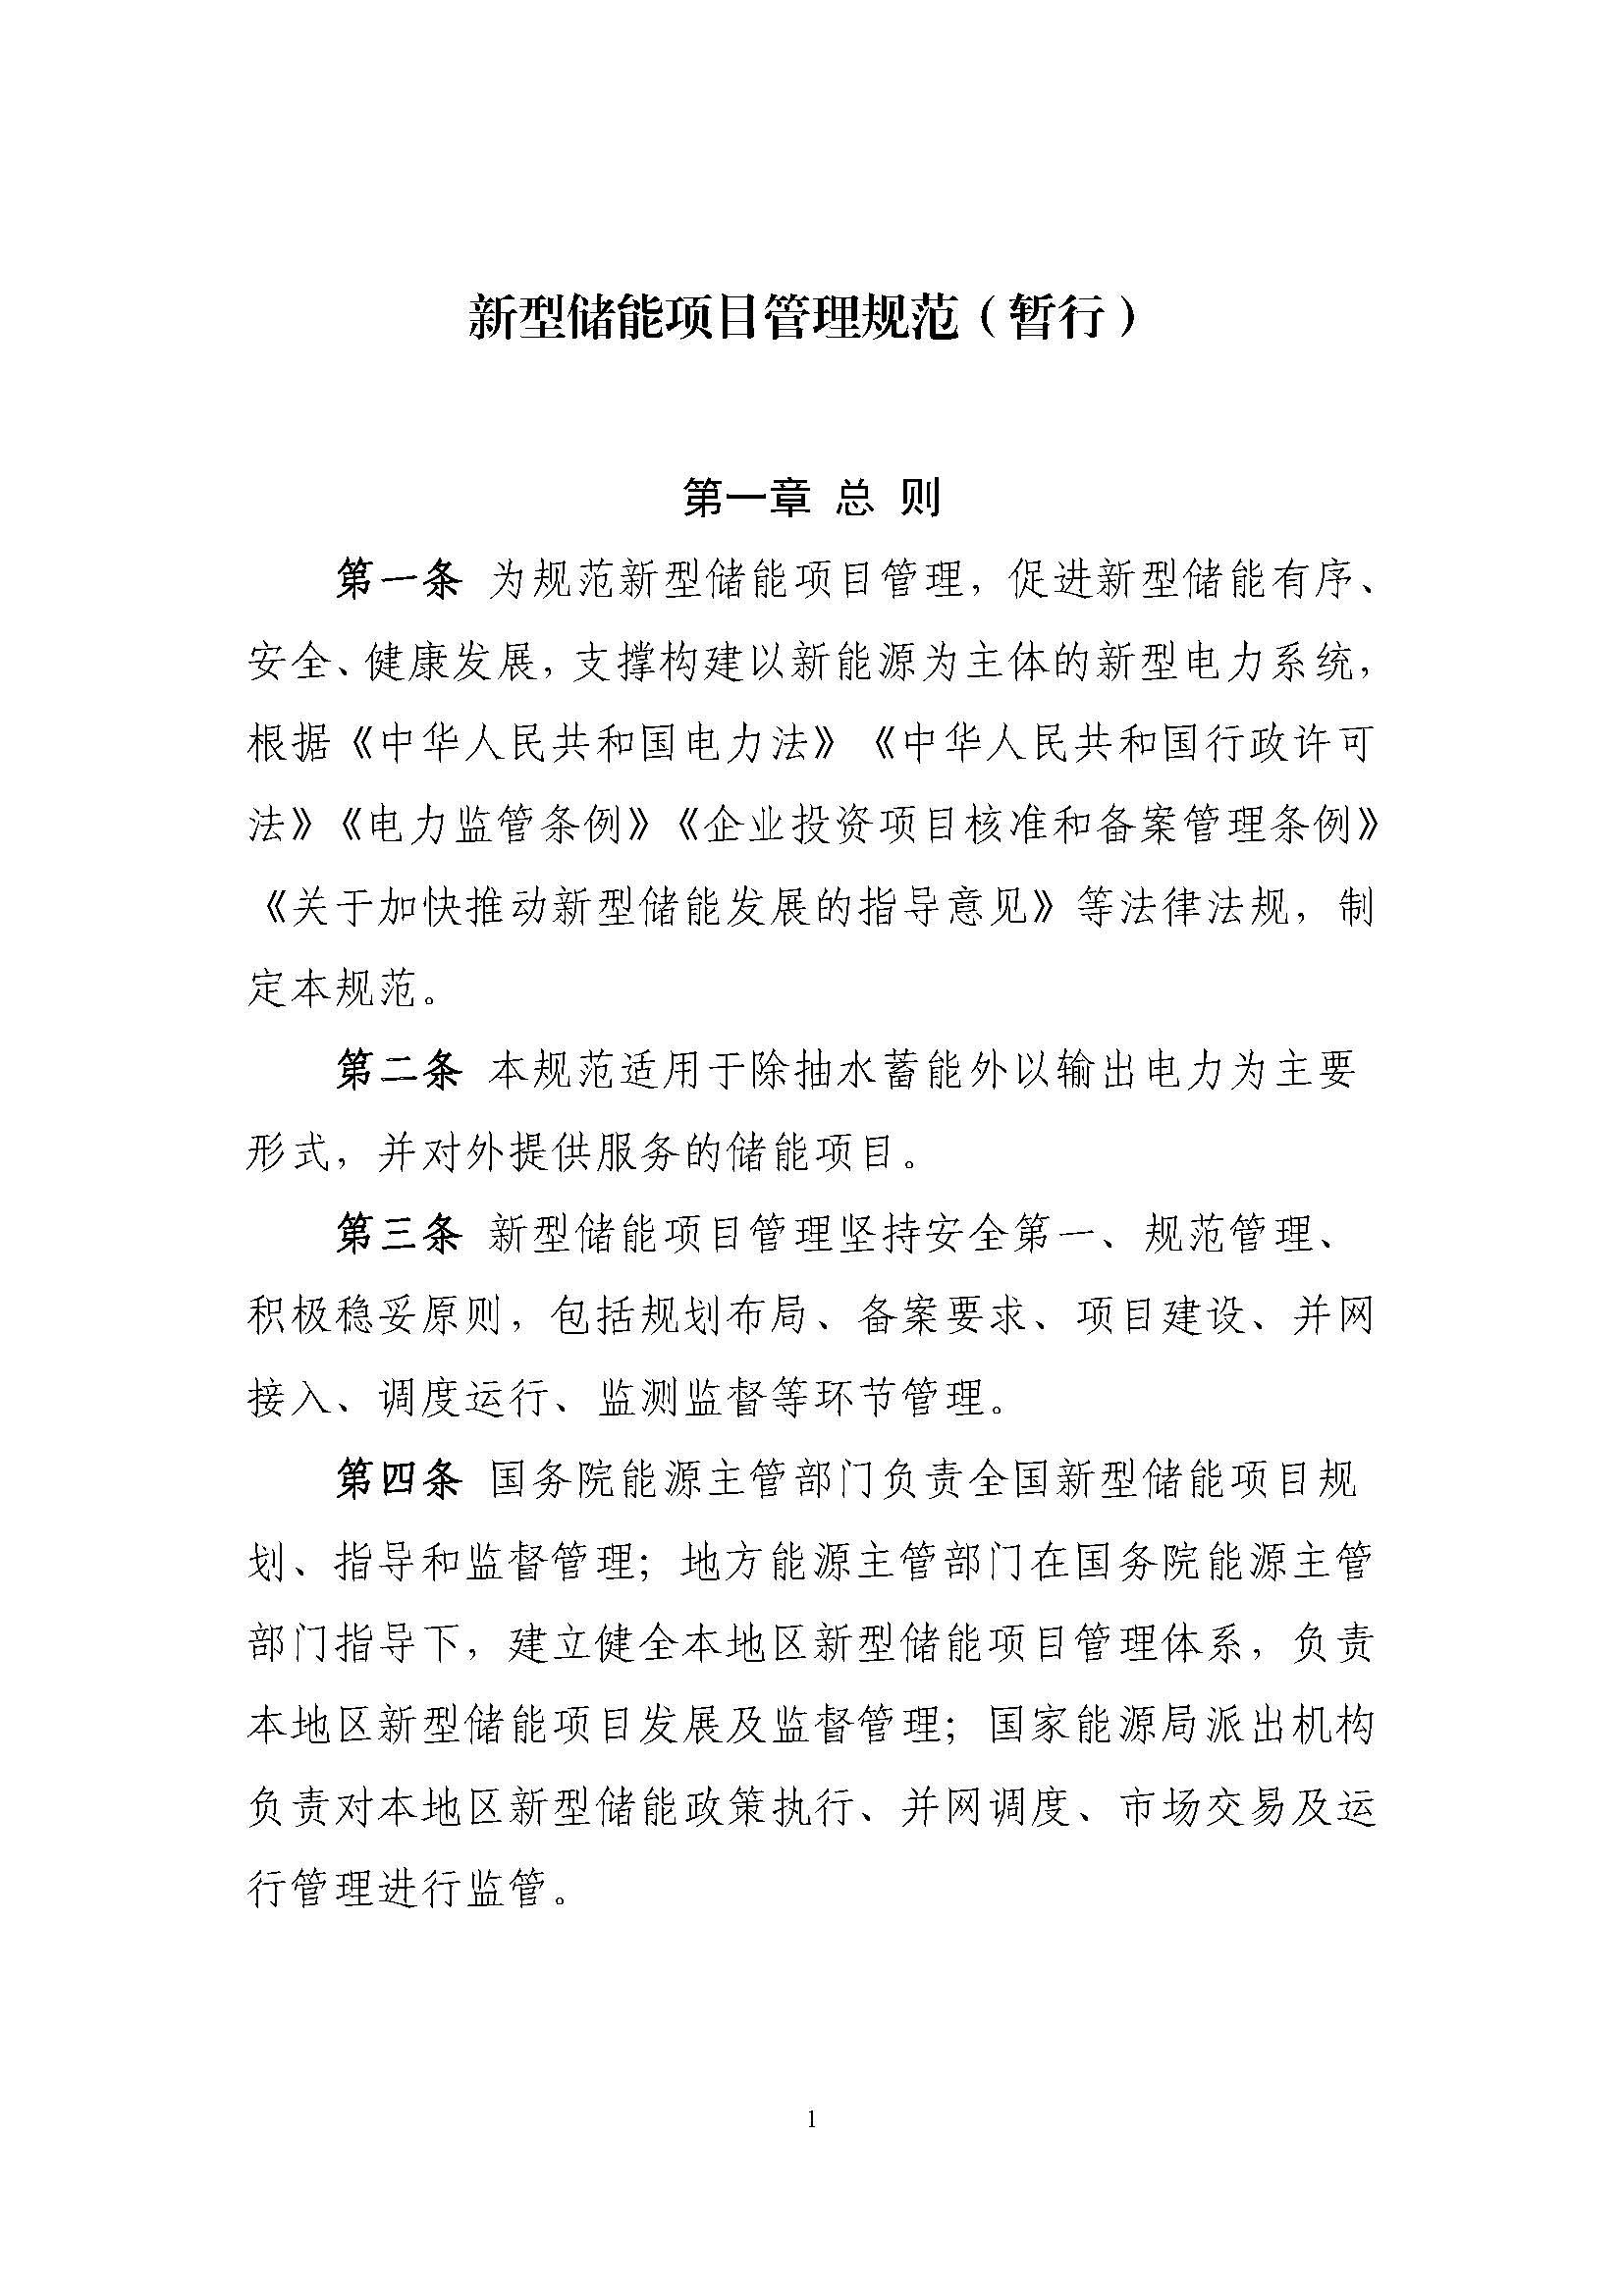 国家能源局关于印发《新型储能项目管理规范(暂行)》的通知